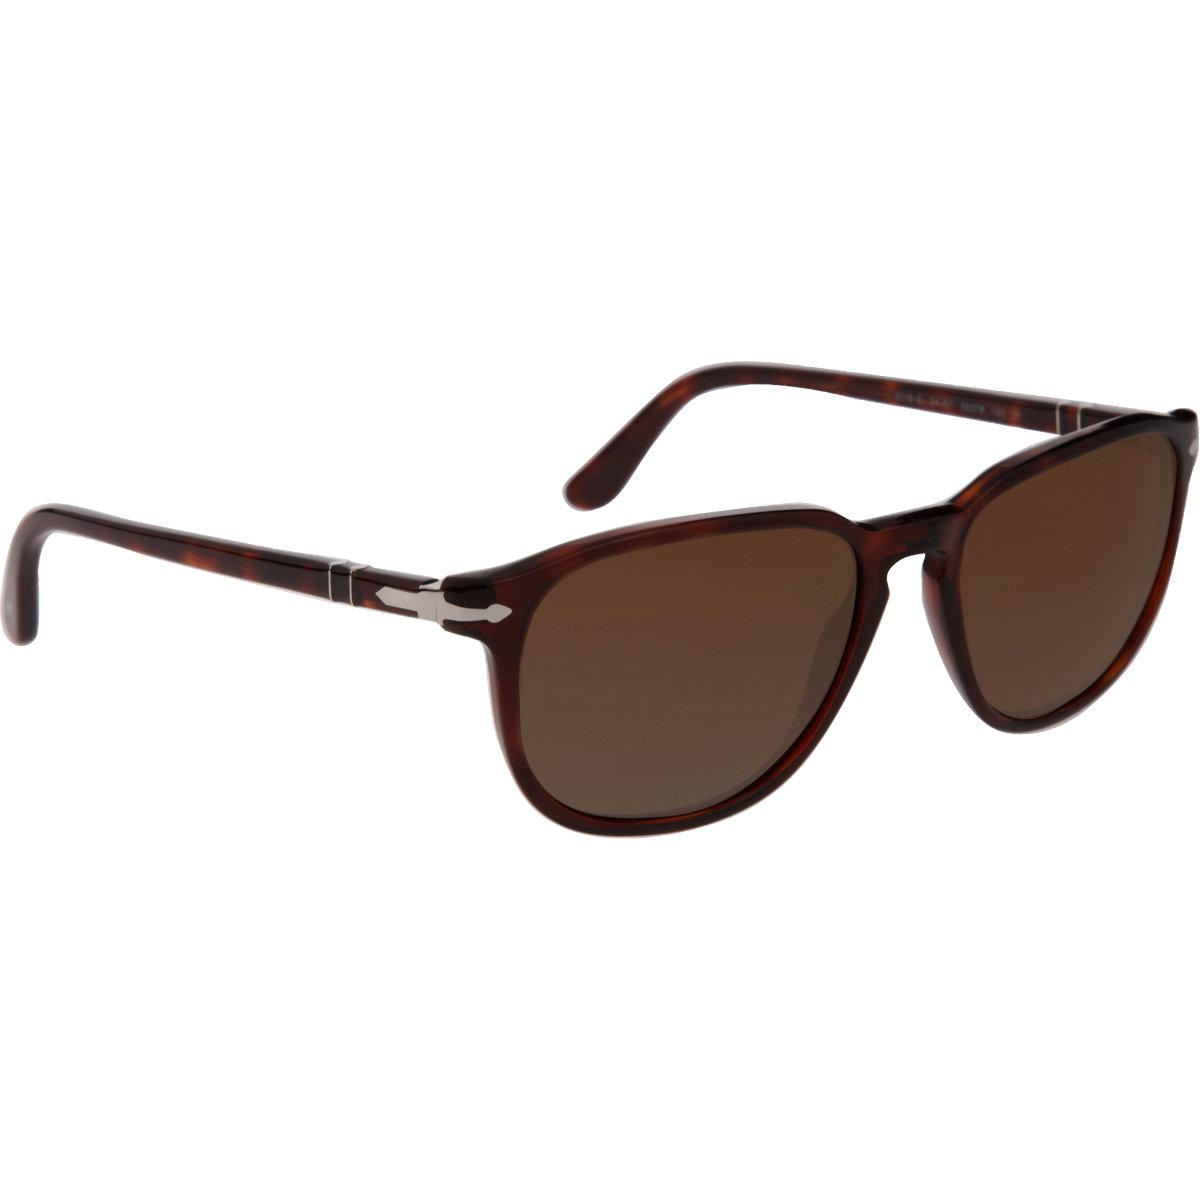 11253ce8eb Persol Suprema Roadster Sunglasses in Brown - Lyst